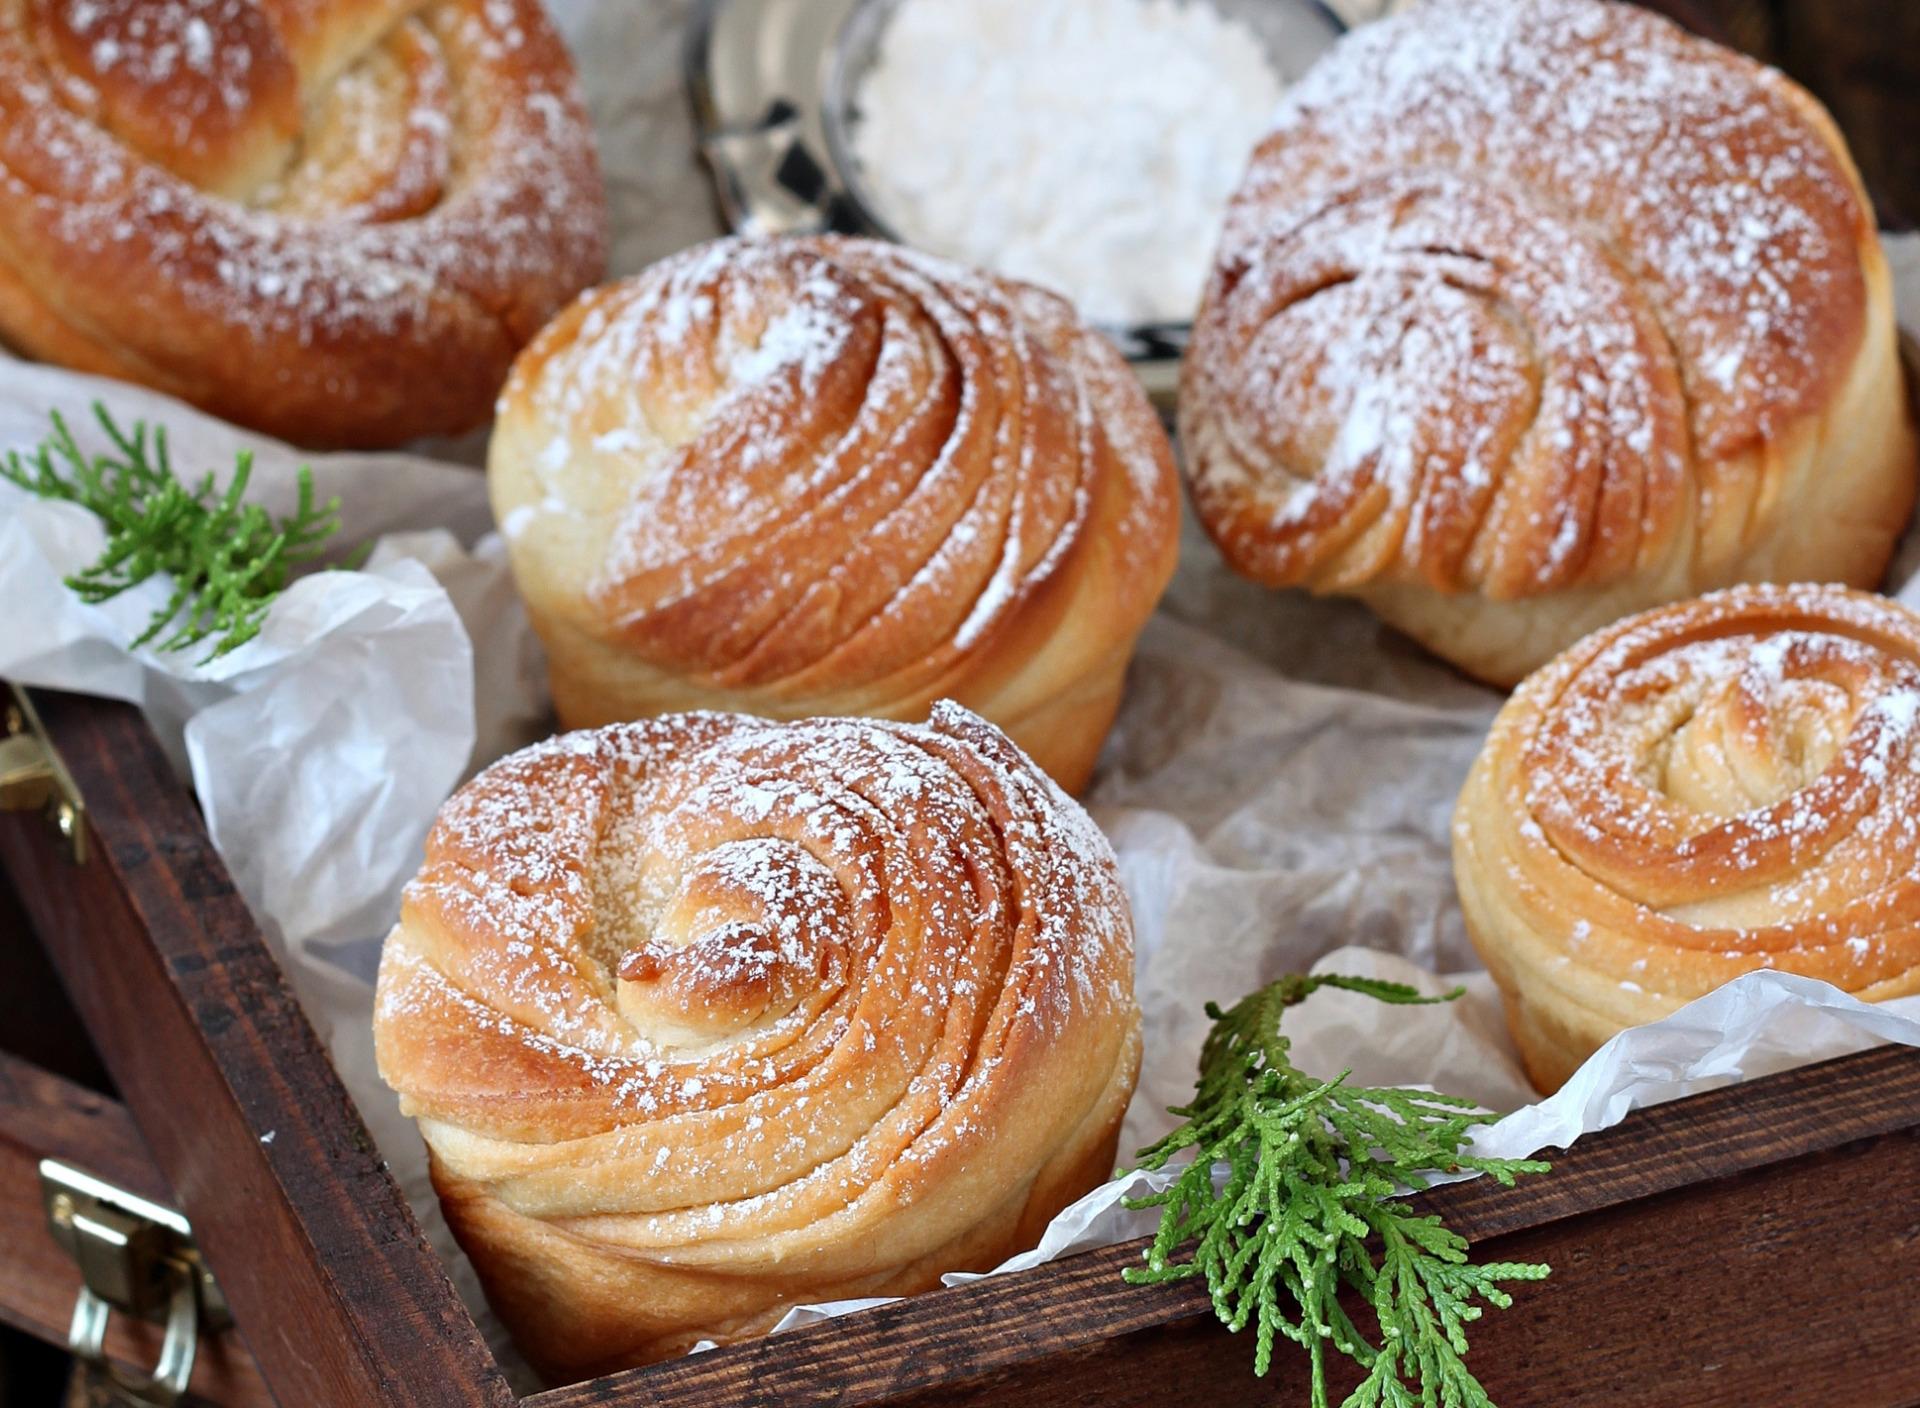 булочки сдобные домашние сладкие рецепт с фото картины, фото